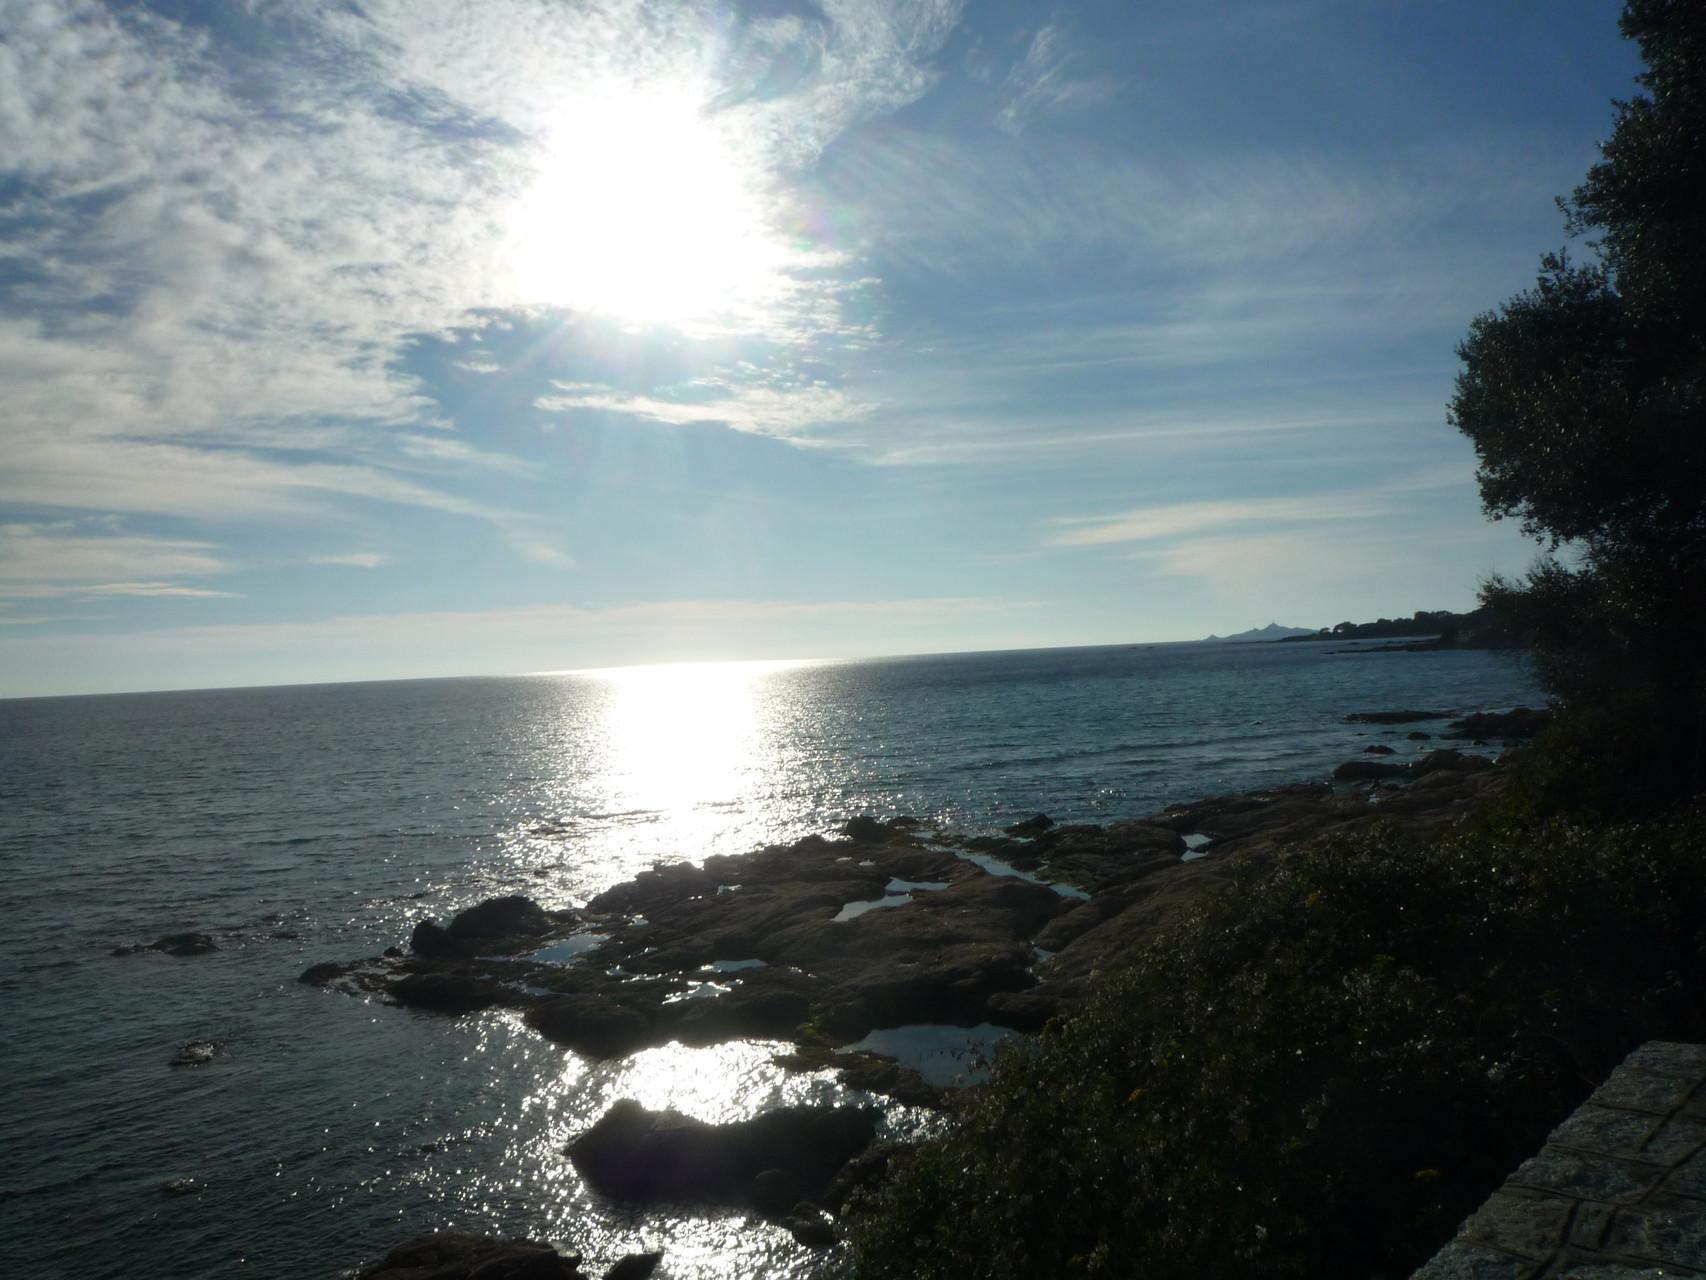 Autre coucher de soleil sur la mer à 400m de la maison de Ninette